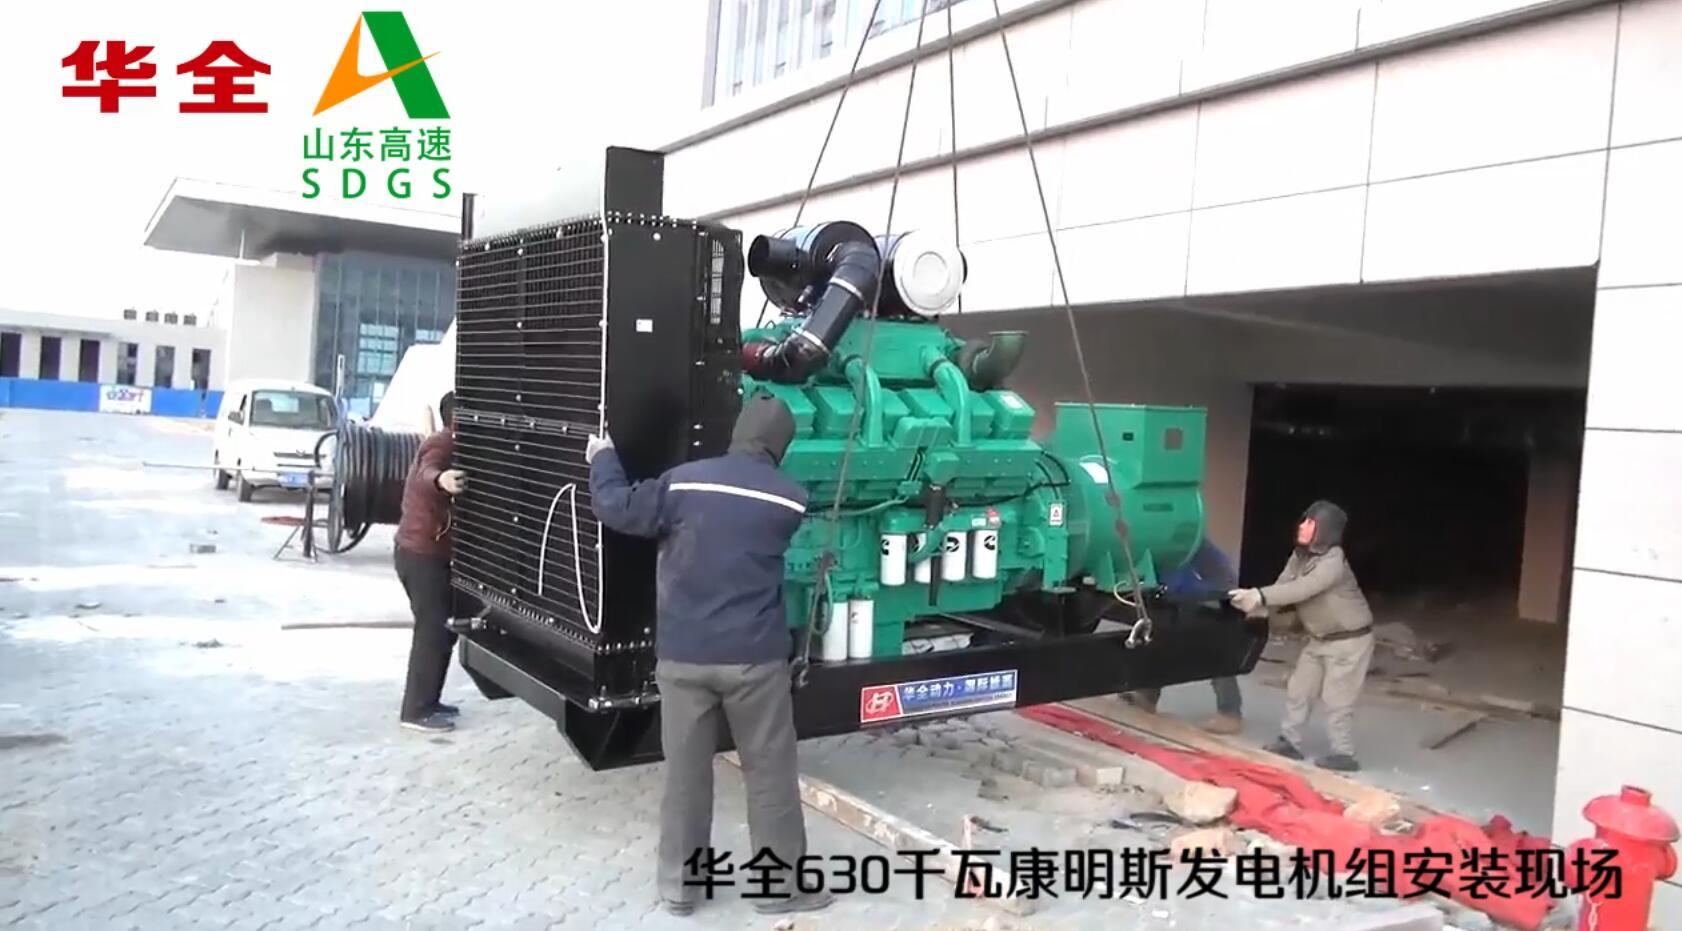 600千瓦康明斯发电机组在潍坊港客运中心